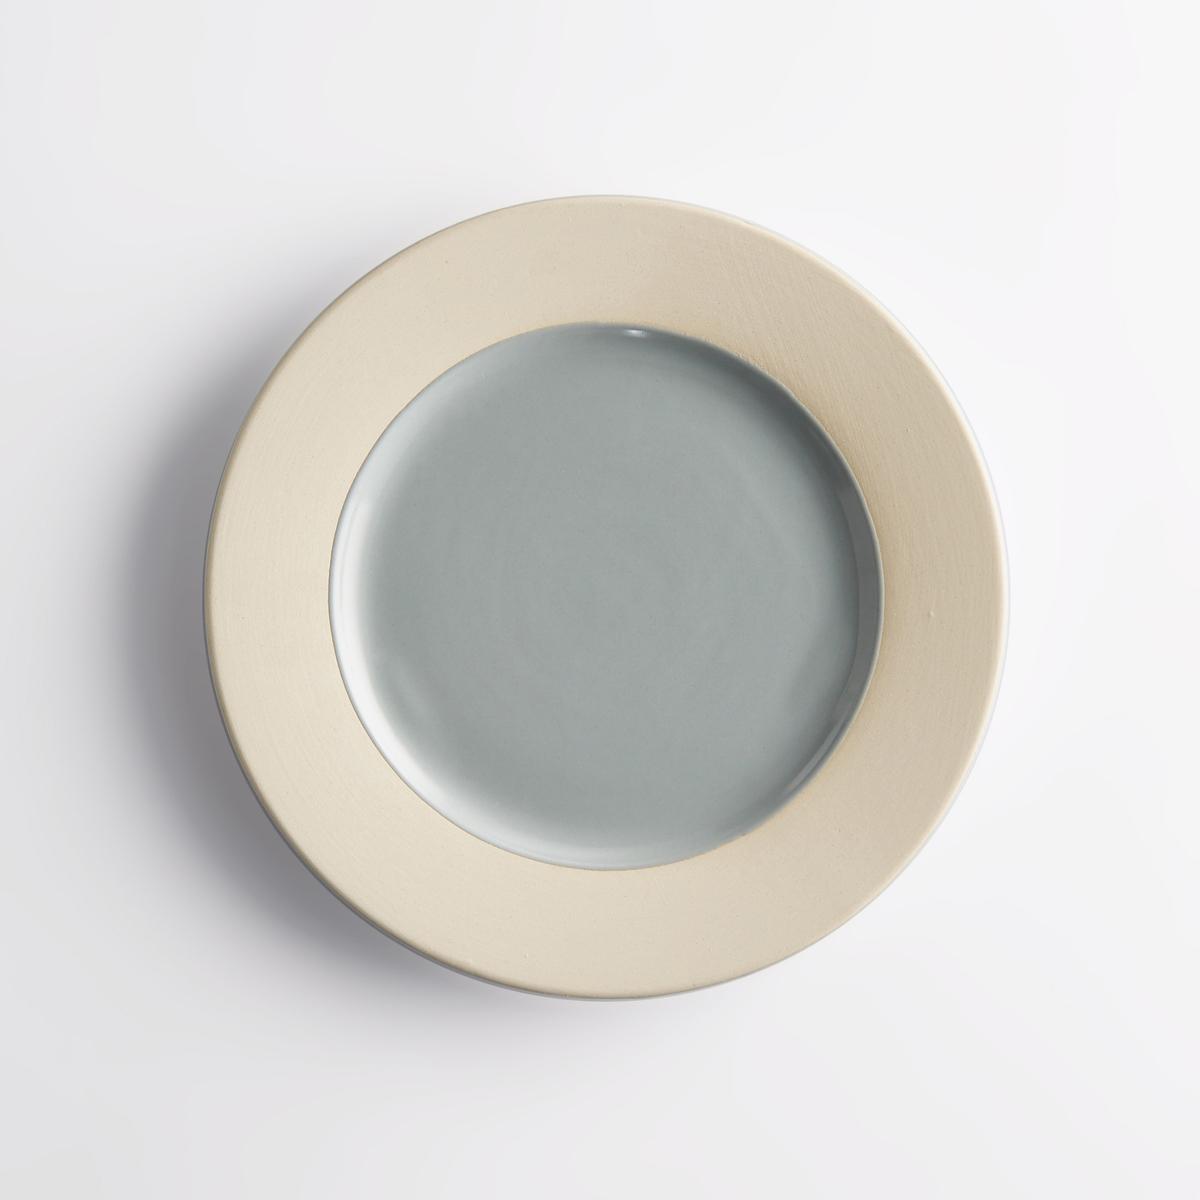 Комплект из 4 десертных тарелок из керамики WarotaХарактеристики 4 двухцветных десертных тарелок из керамики Warota : - Из керамики, покрытой глазурью   .- Края из керамики.- В комплекте 4 десертных тарелкиРазмеры 4 двухцветных десертных тарелок из керамики Warota :диаметр 20 см.Цвета 4 двухцветных десертных тарелок из керамики Warota :Керамика без глазури / розовый.Керамика без глазури / синий.Другие тарелки и предметы декора стола вы можете найти на сайте laredoute.ru<br><br>Цвет: розовая пудра,синий